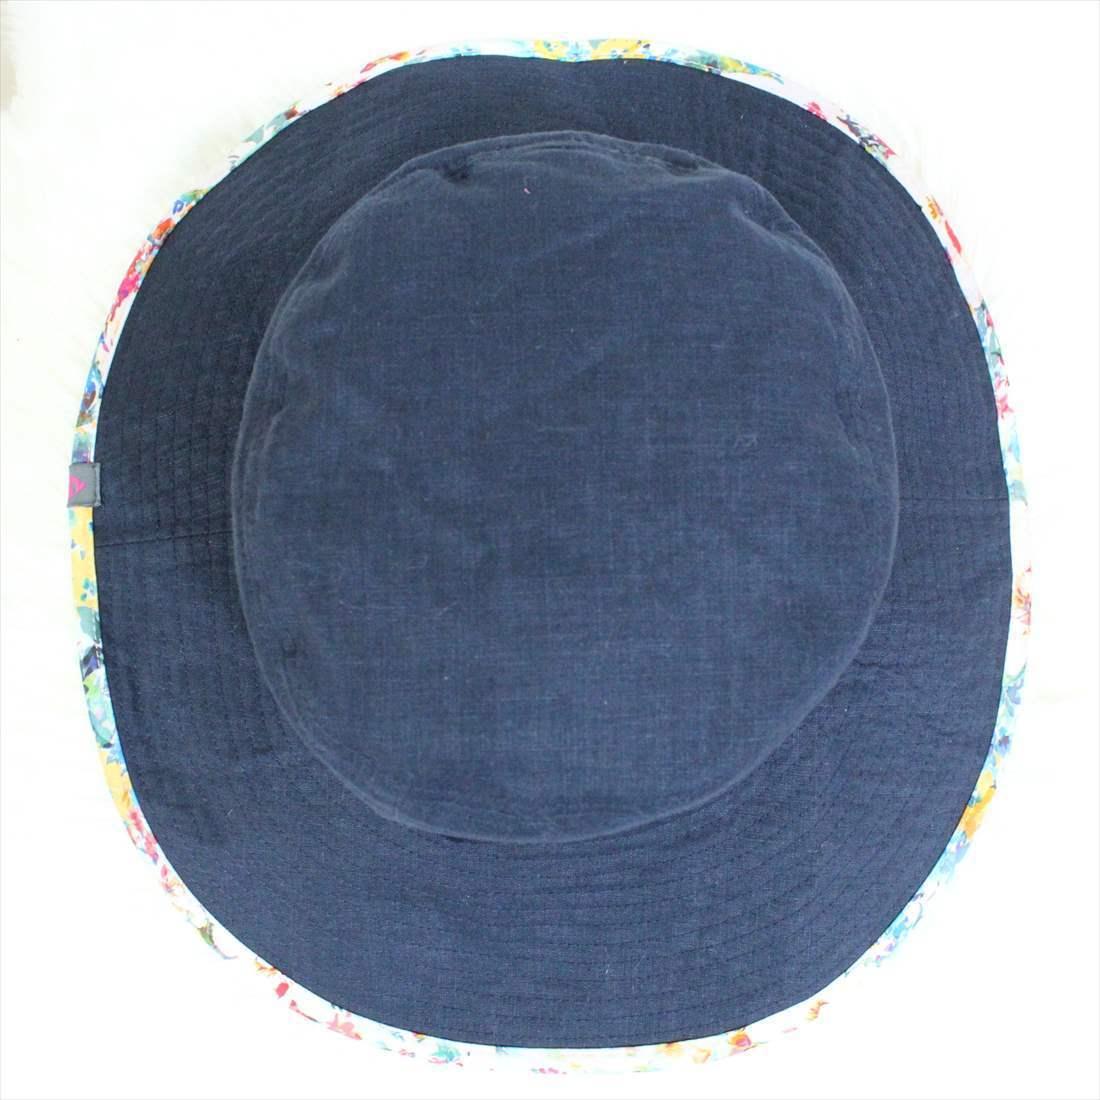 フェニックス phenix 麻 ハット 新品 帽子 BROAD BRIMMED HAT レディース ネイビー PH928HW66 アウトレット_画像2